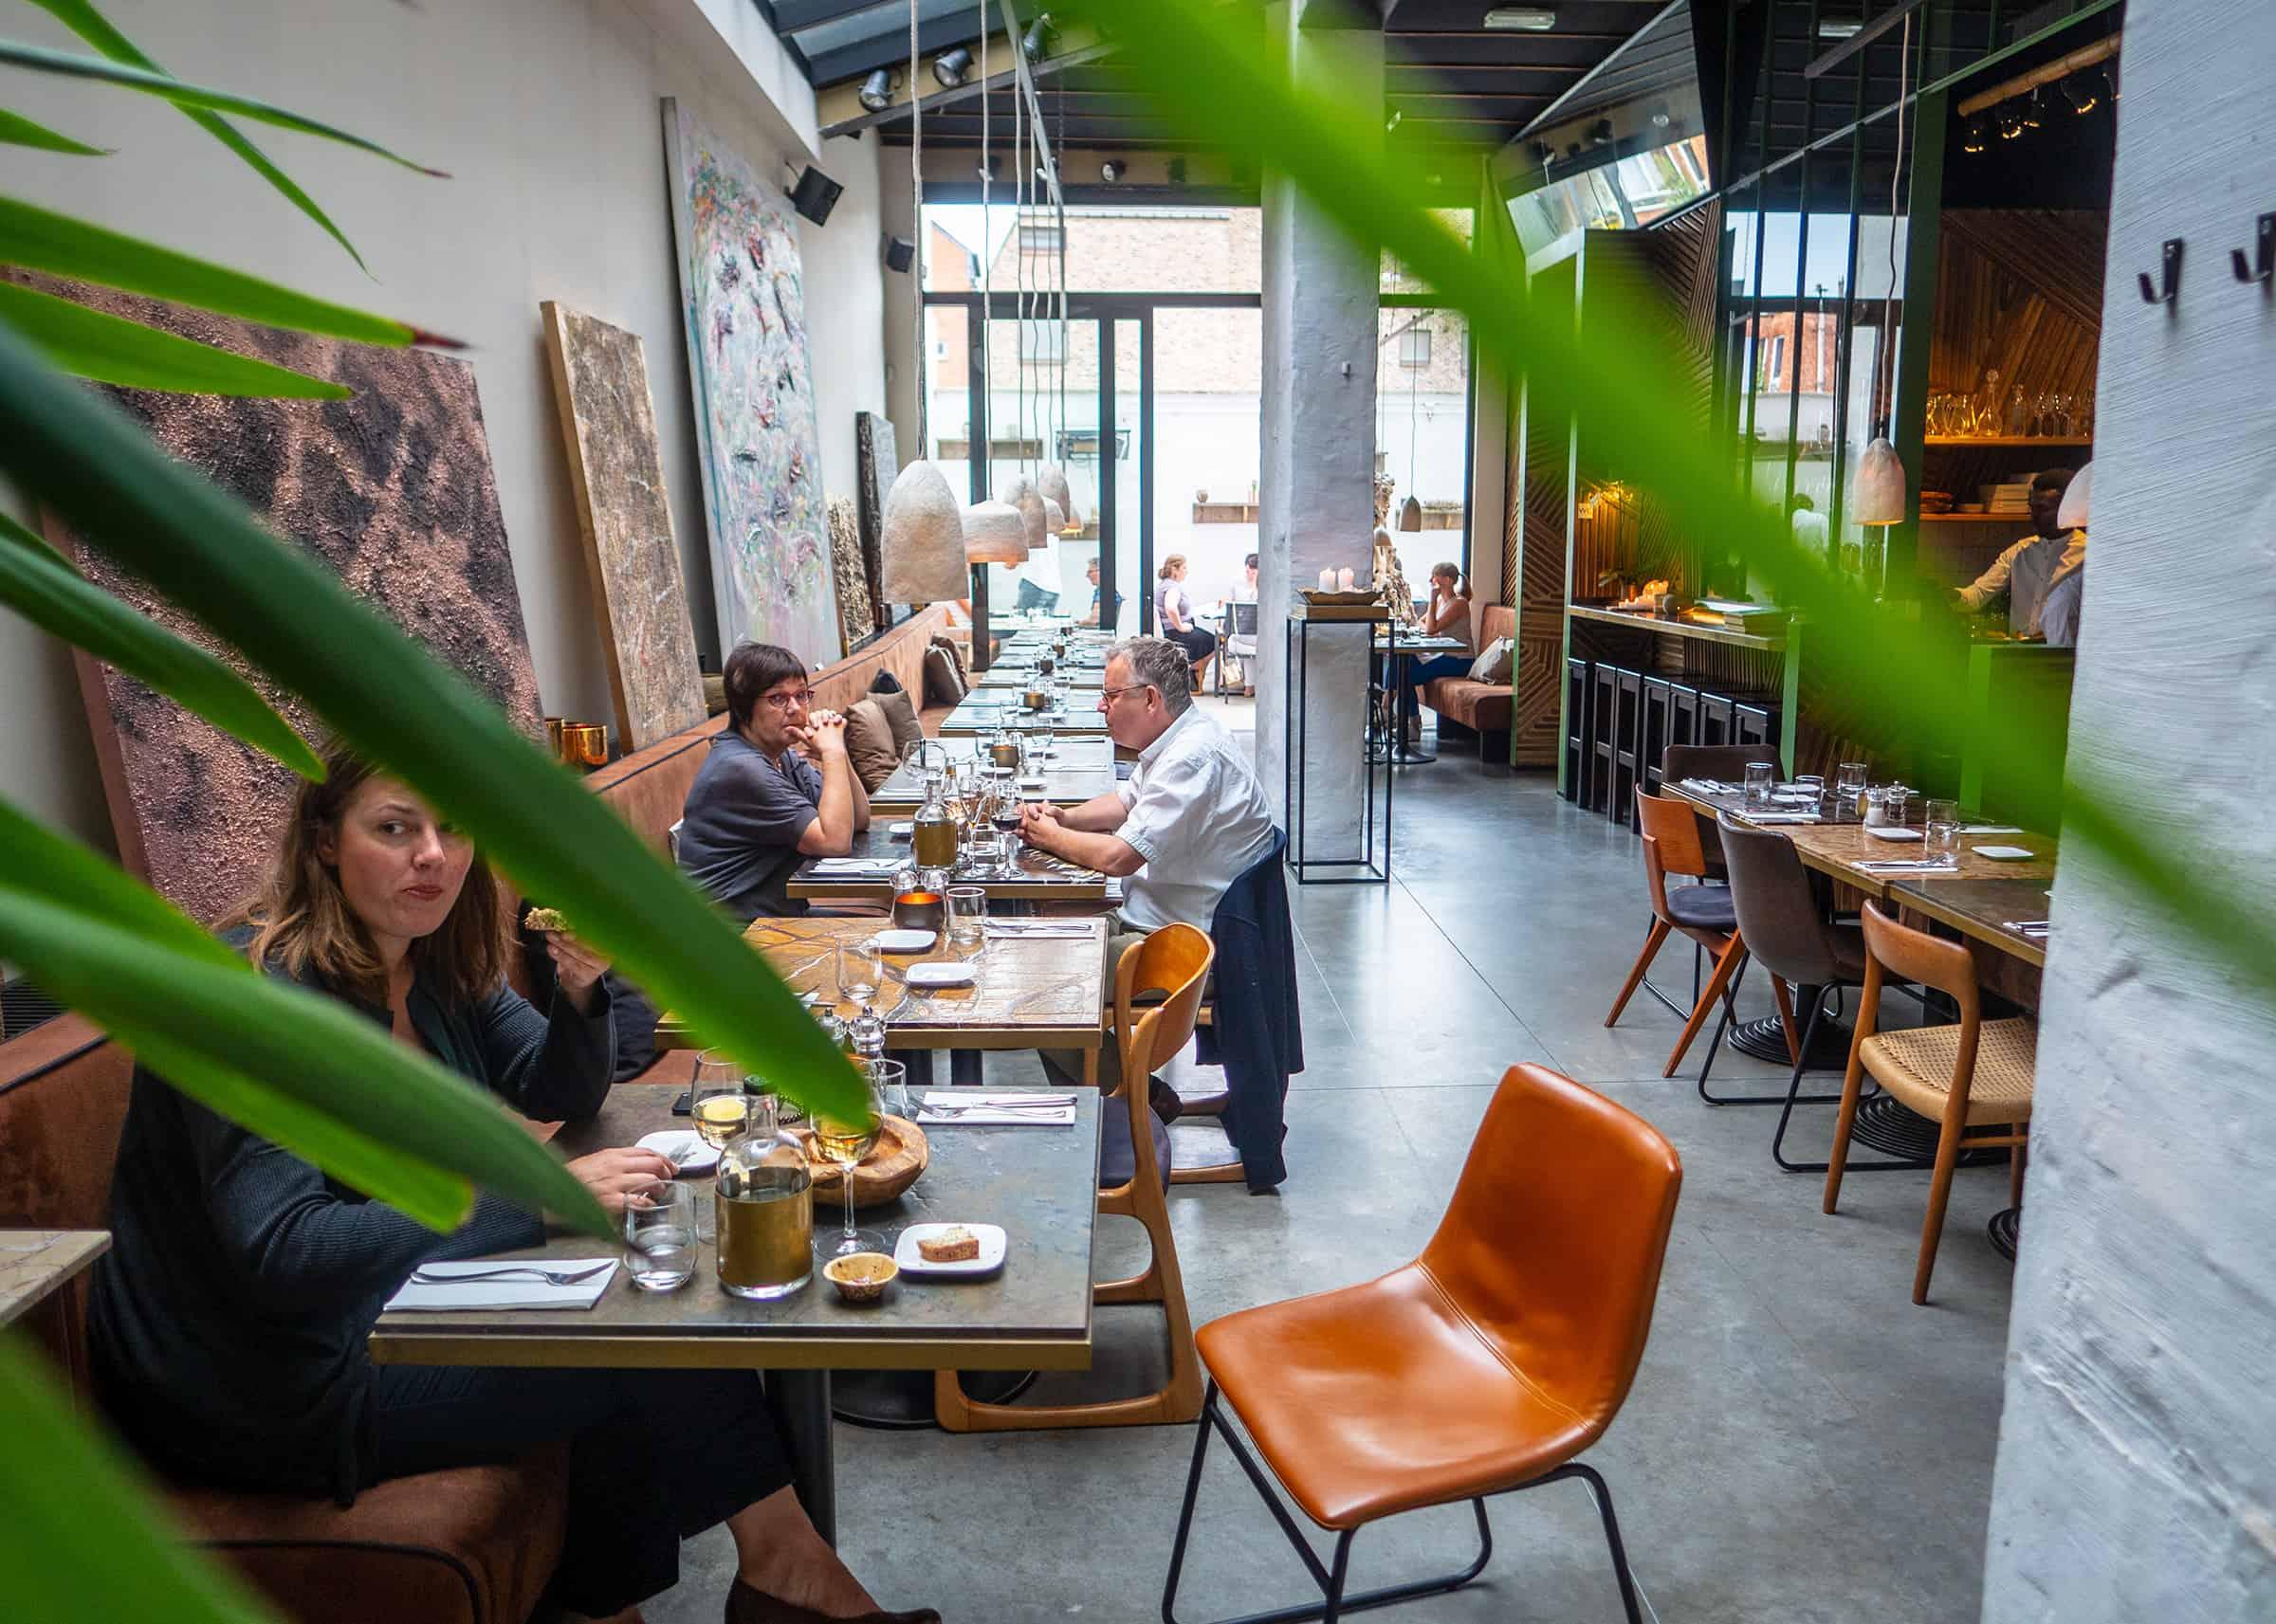 Cosma Foodhouse Mechelen